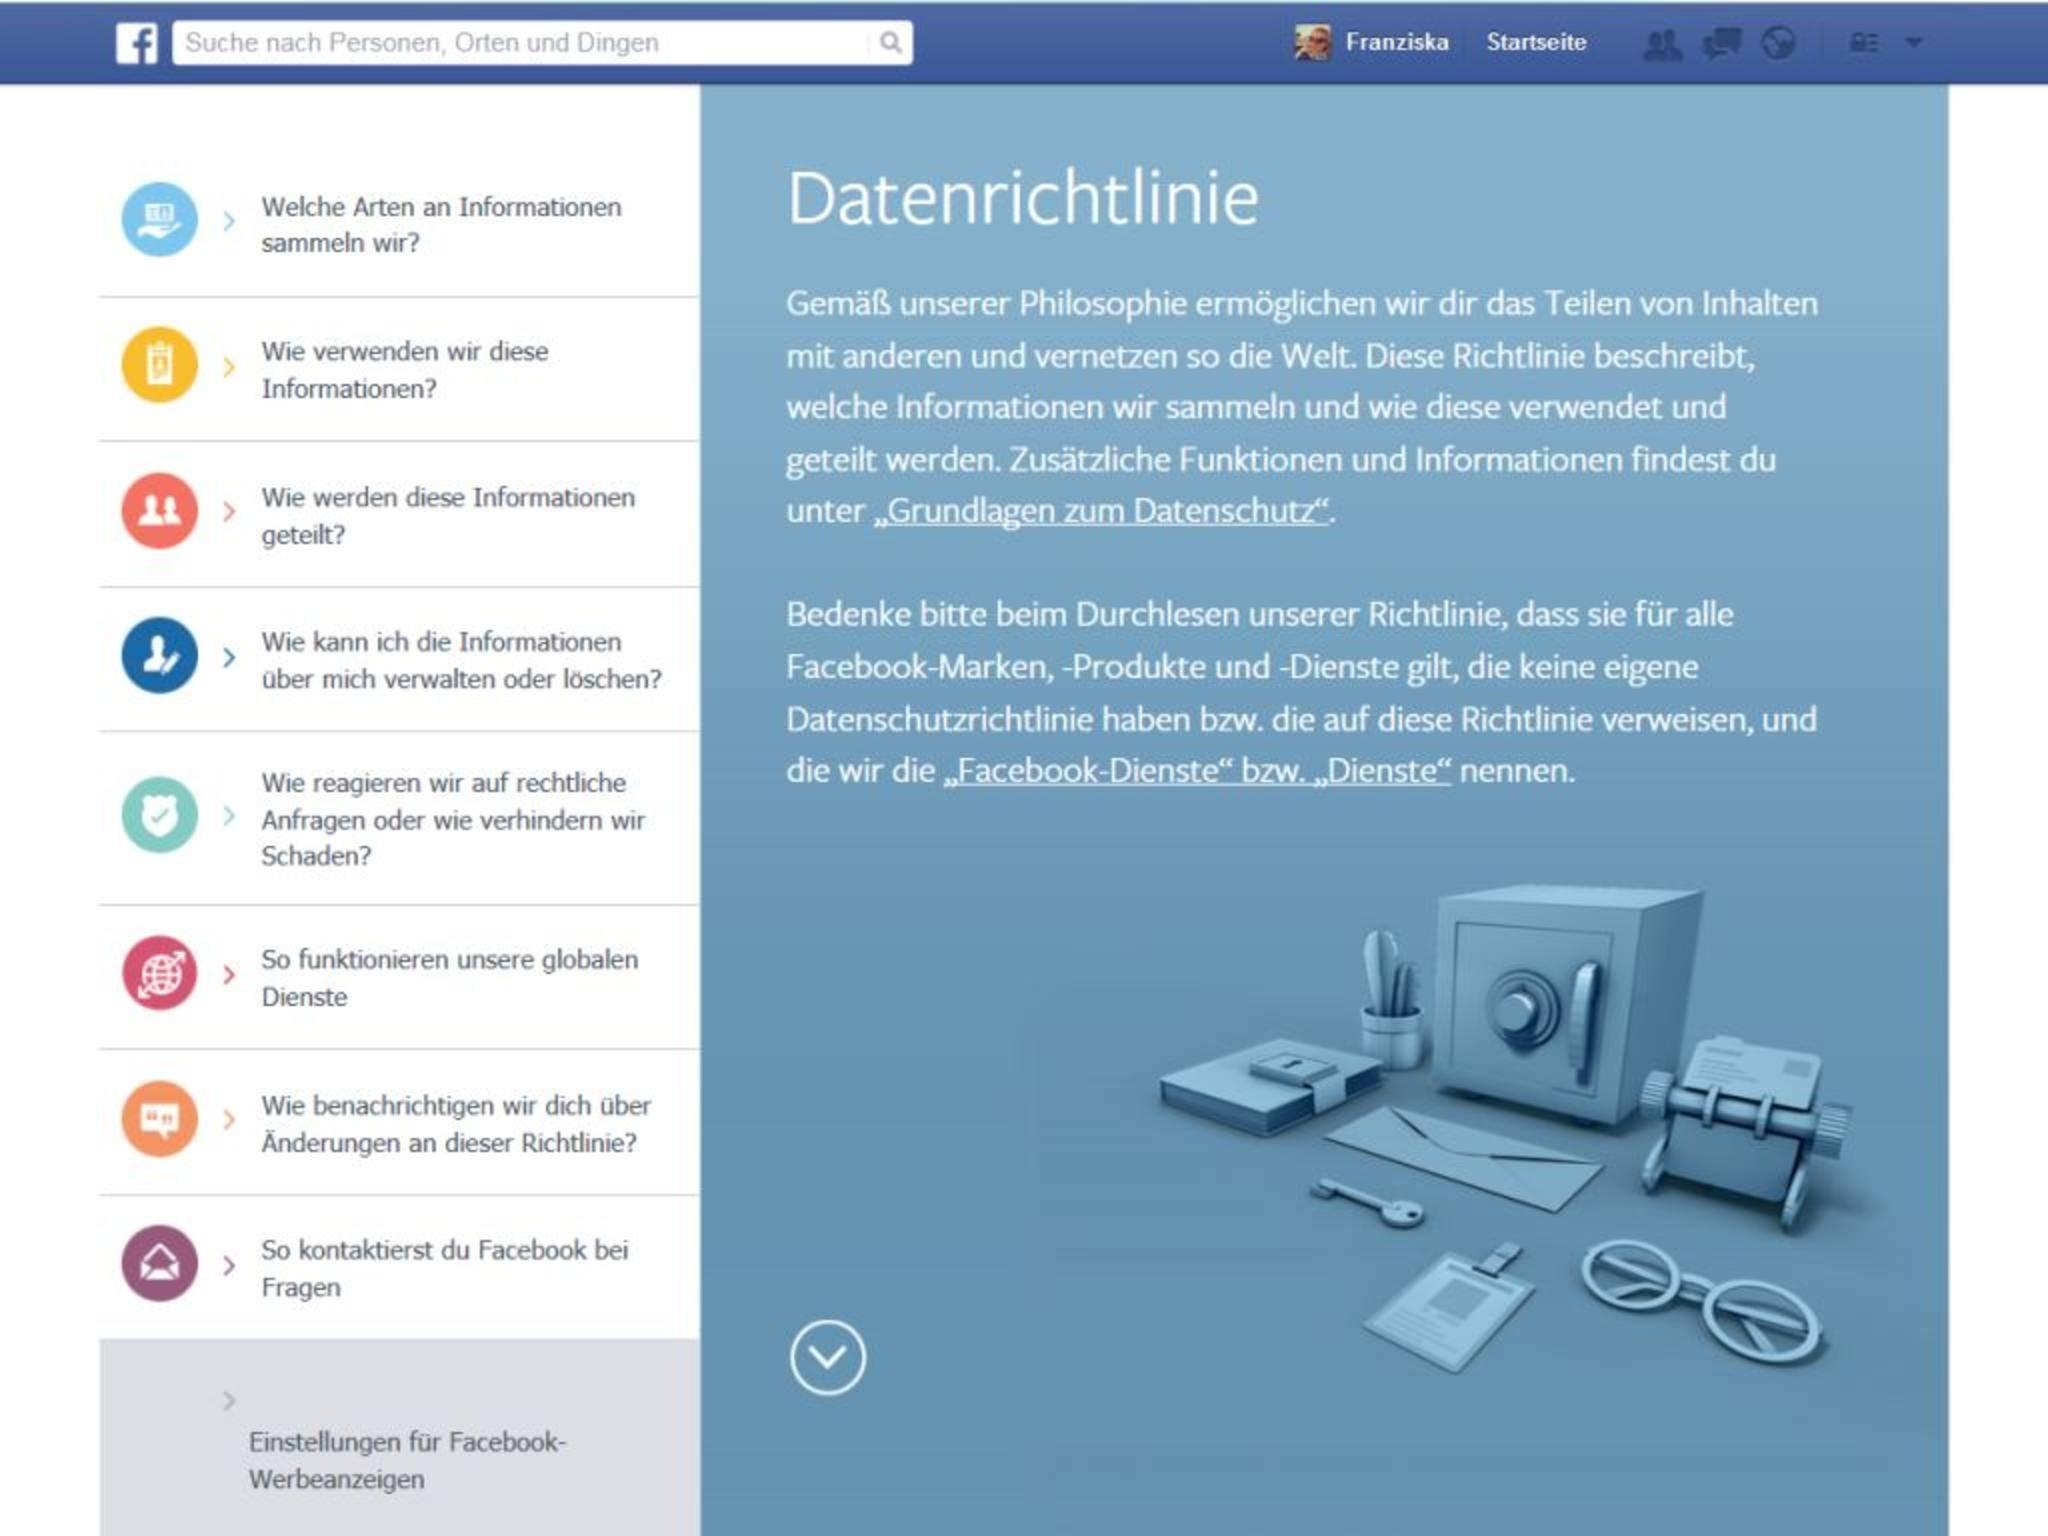 Einstellungen für Facebook-Werbeanzeigen